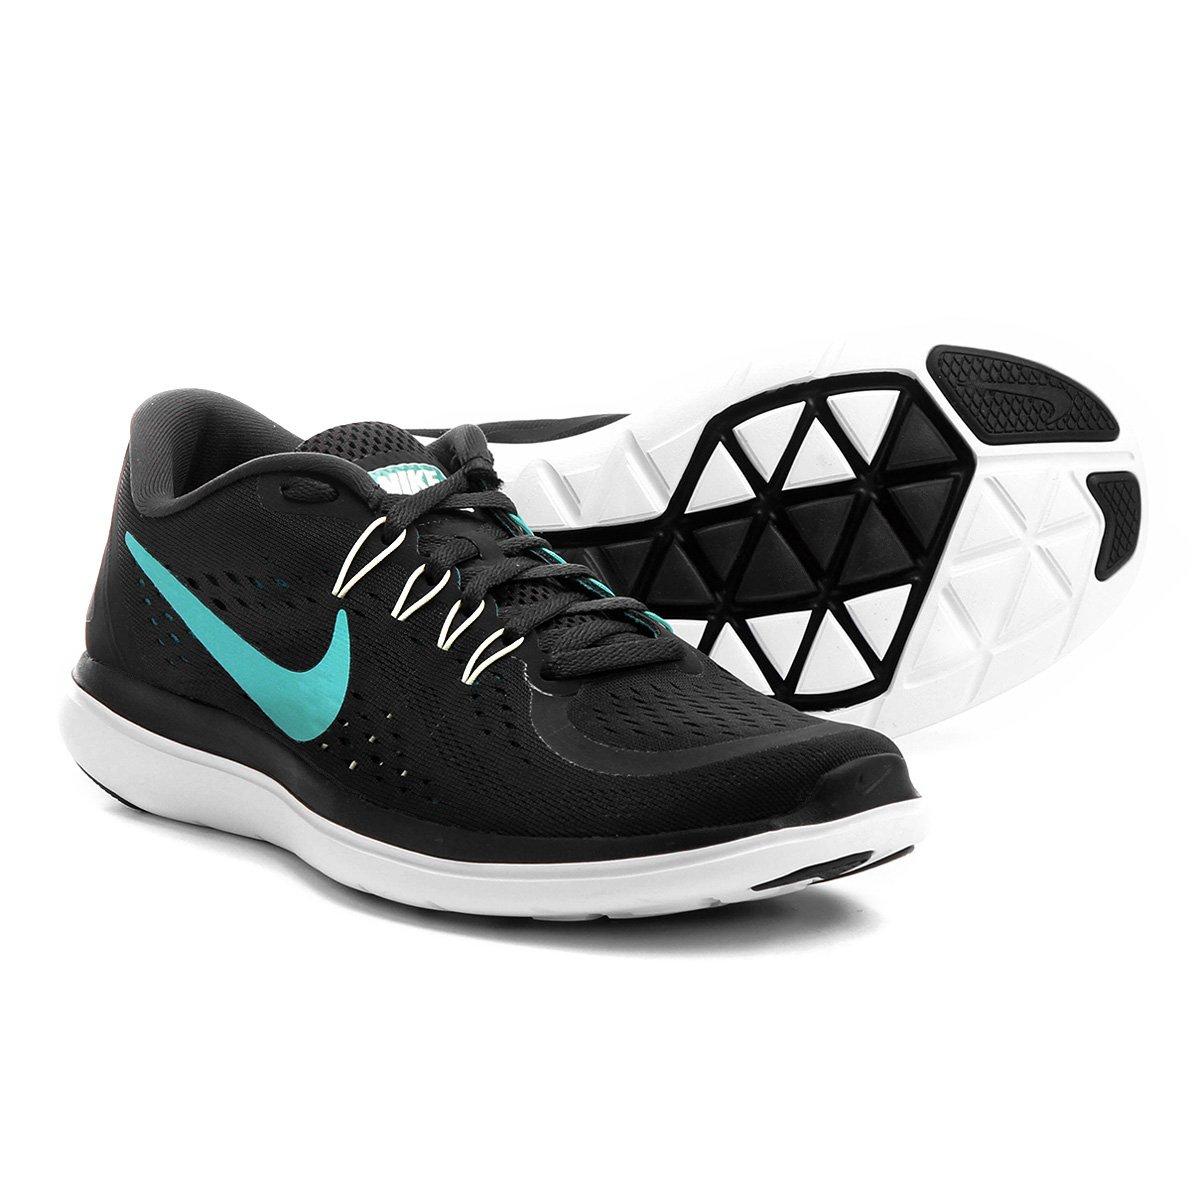 e6e19023aef Tênis Nike Flex Run Masculino - Preto e Verde Água - Compre Agora ...